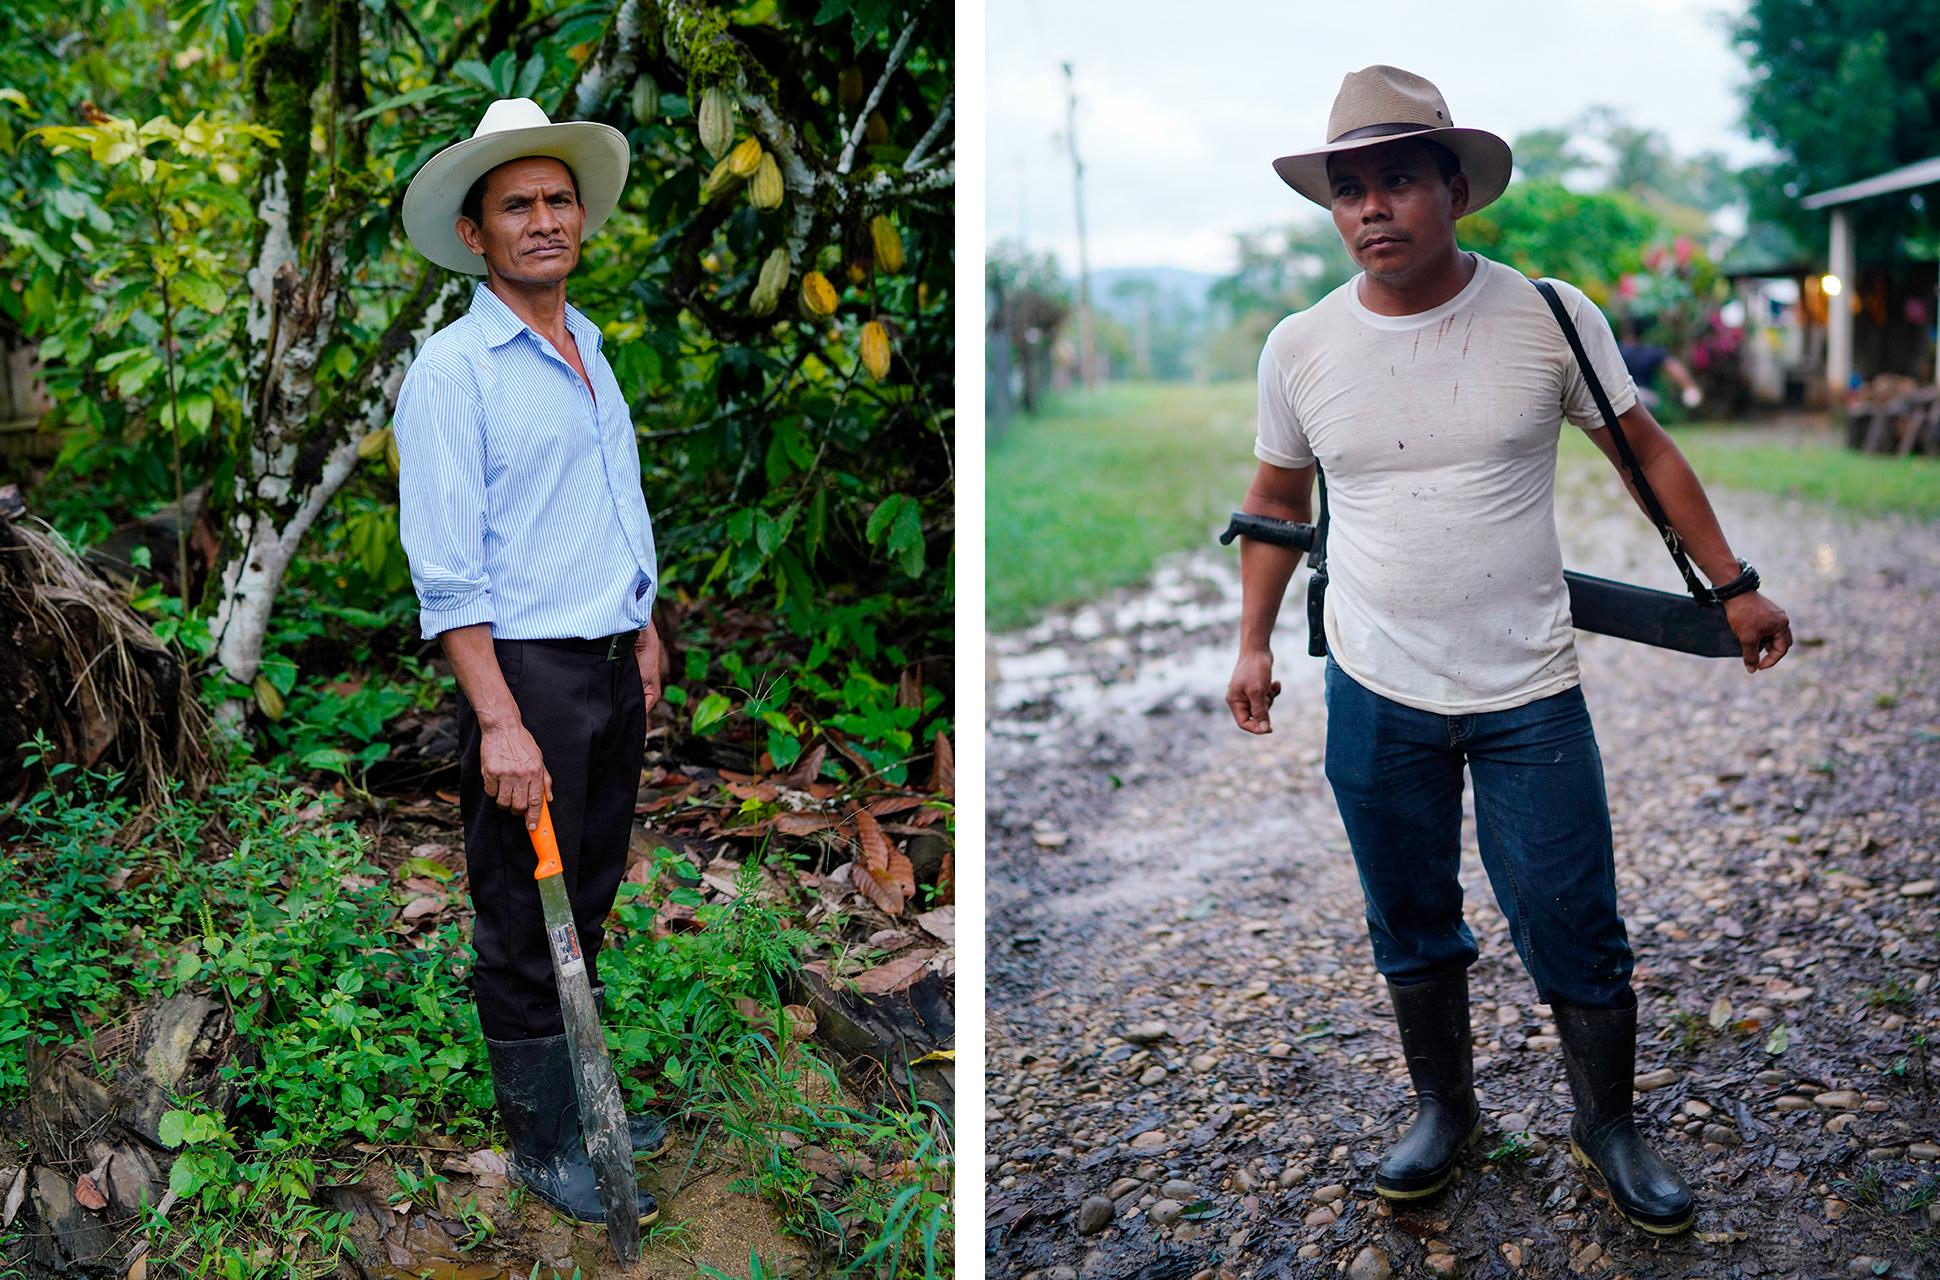 Sembrando vida el proyecto milagro de López Obrador 5